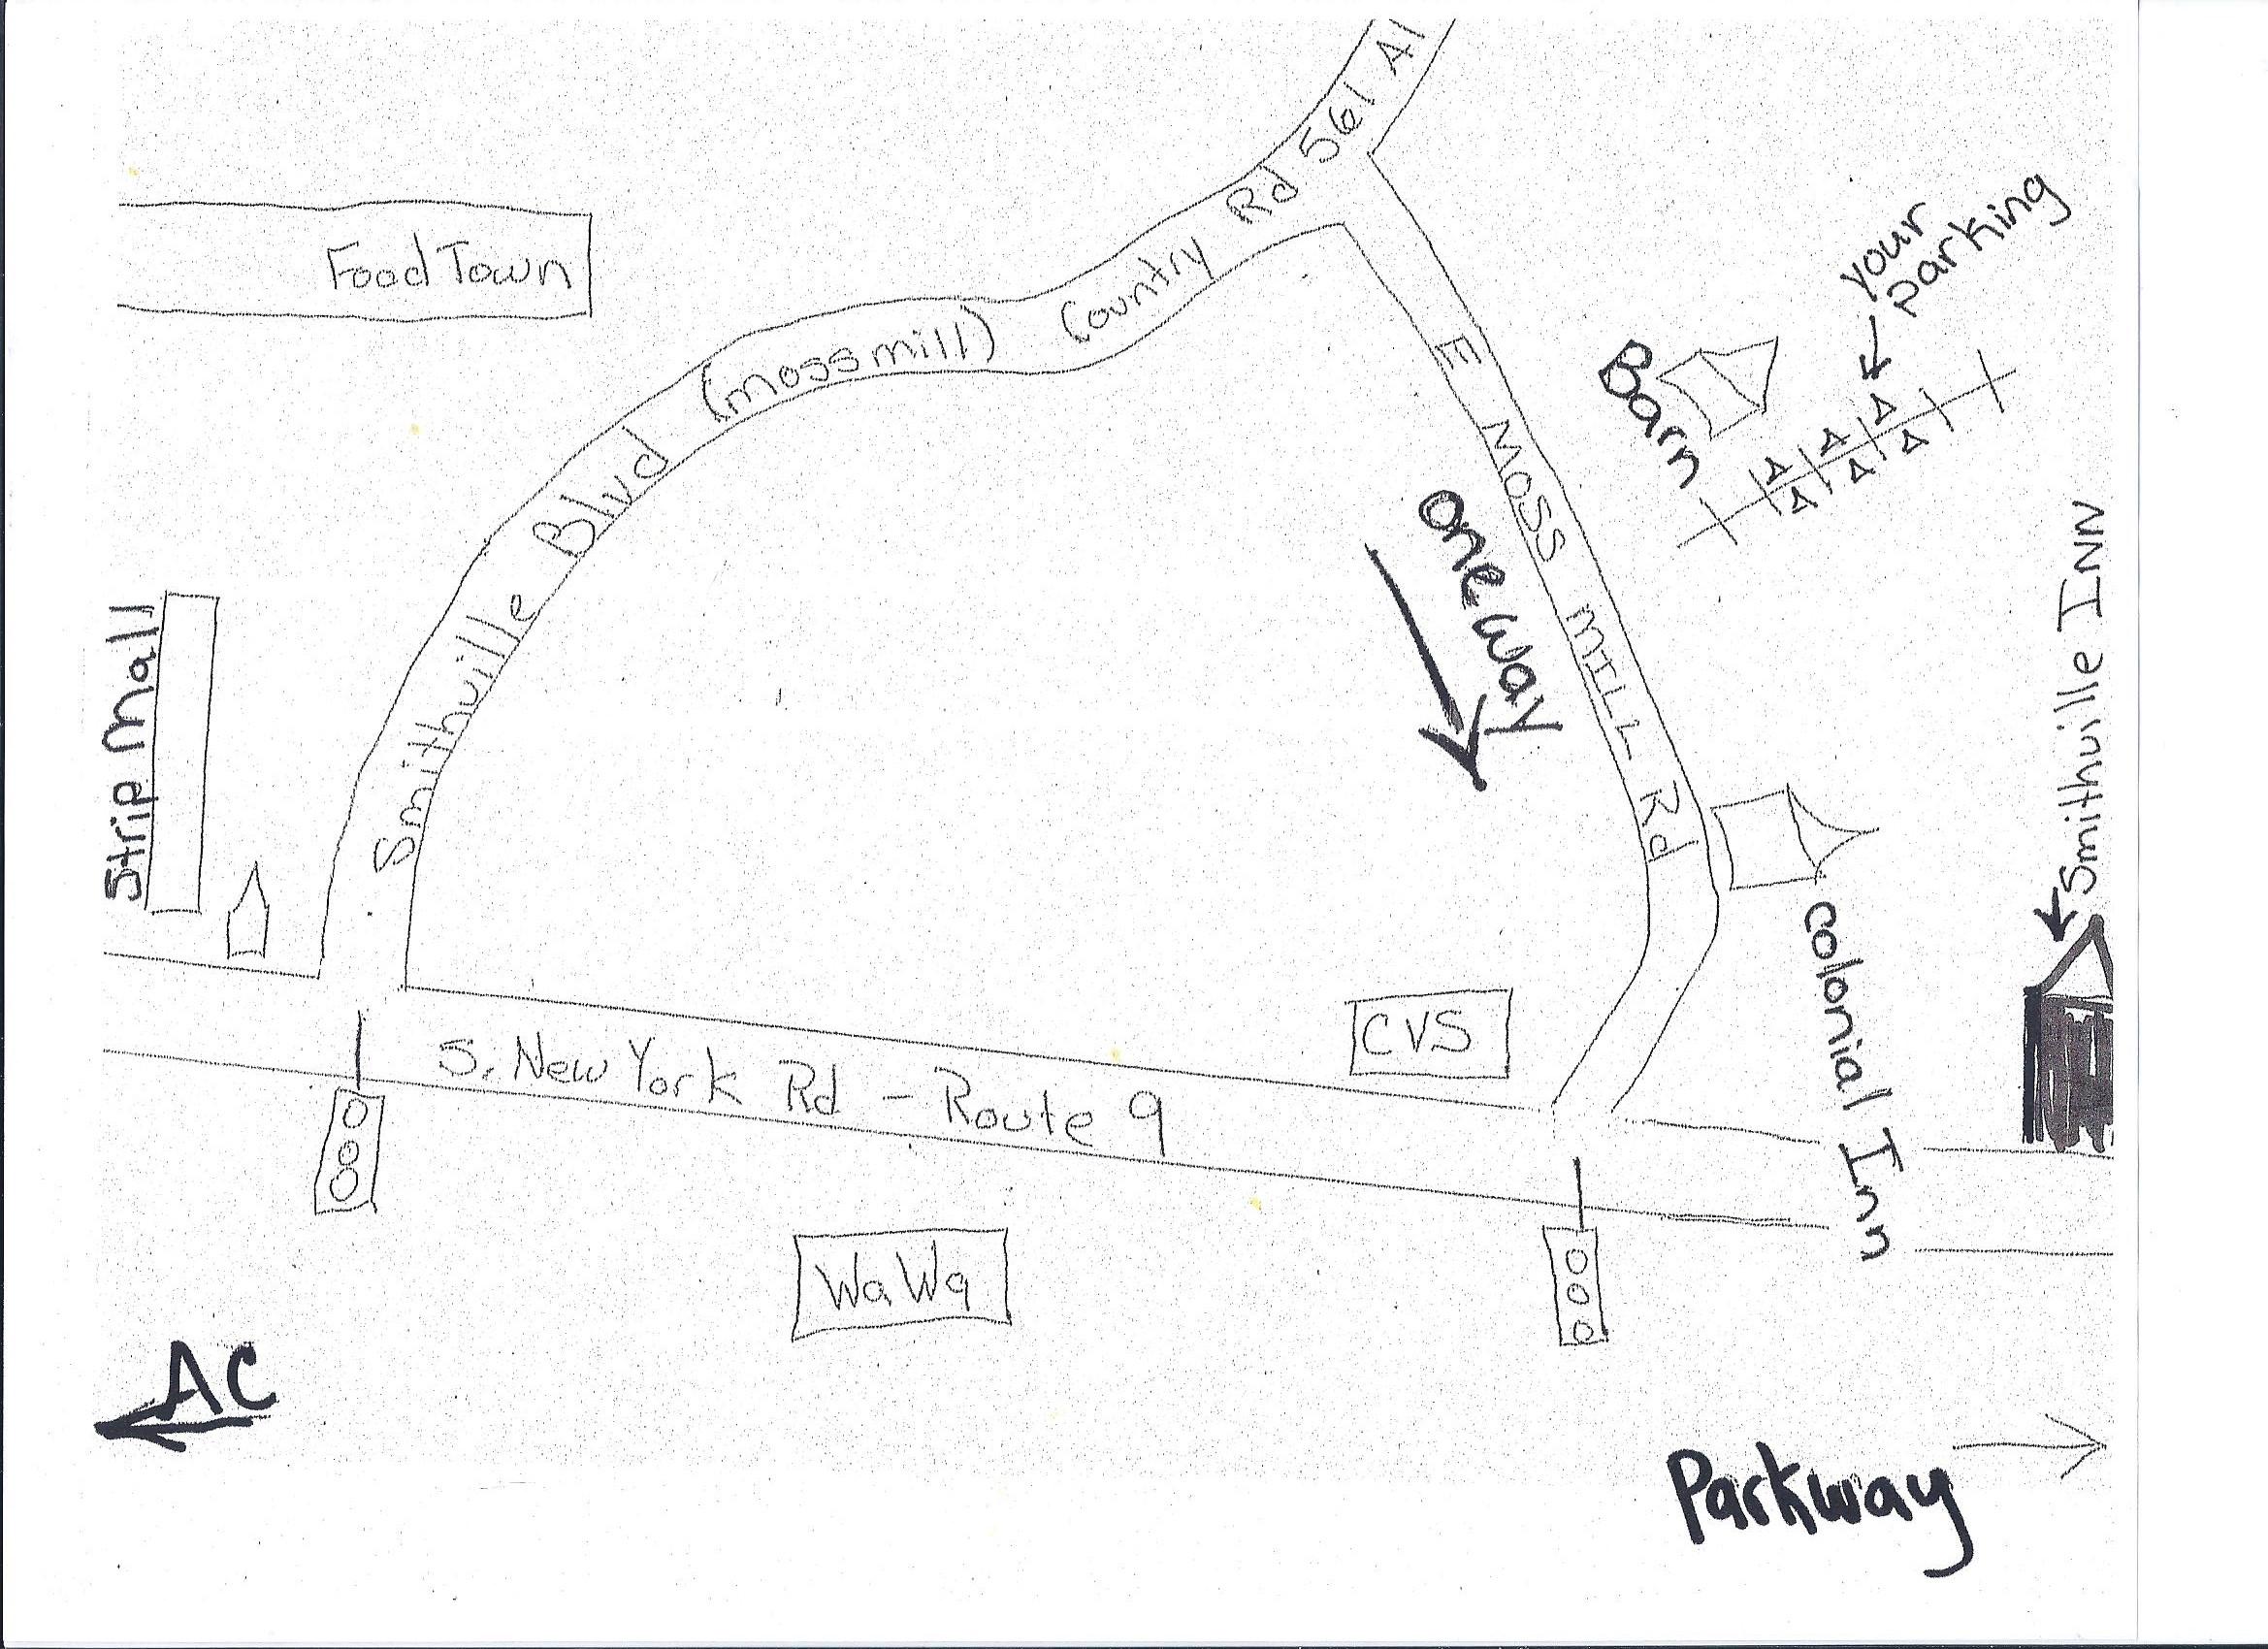 map for festival 001